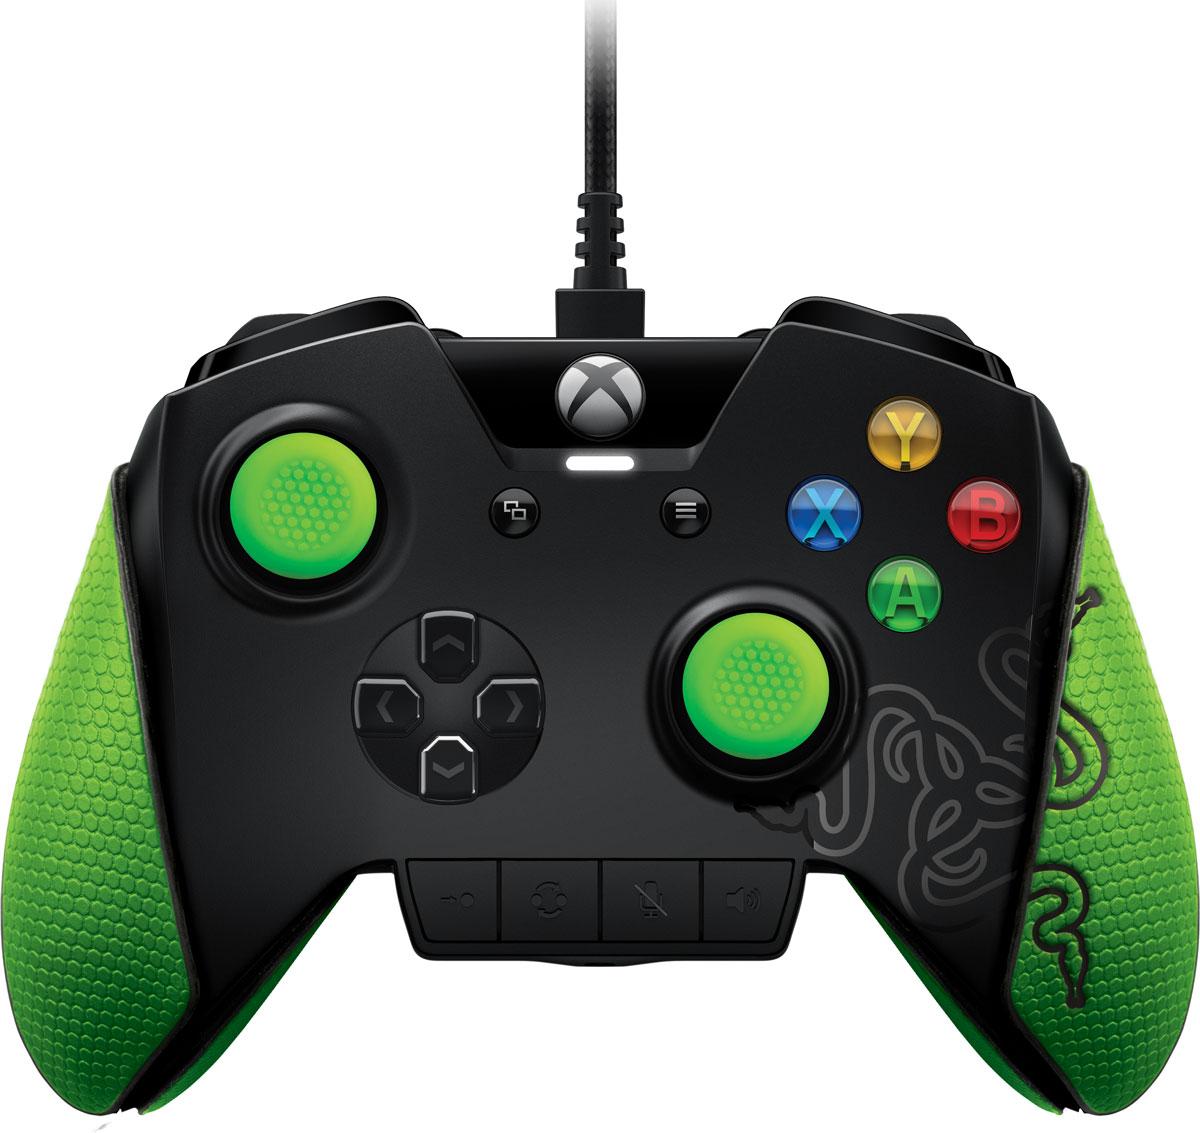 Razer Wildcat геймпад для Xbox One/PCRZ06-01390100-R3M1Хотите играть в консольные игры как настоящий профессионал? Это возможно с игровым геймпадом Razer Wildcat для Xbox One. Razer создавали его специально для турниров, с учетом пожеланий лучших мастеров киберспорта. У этого контроллера, в отличие от обычного, есть четыре дополнительные многофункциональные кнопки. С их помощью можно настроить элементы управления так, как удобно именно вам. Уменьшенная масса, дополнительные накладки для лучшего захвата ладонями и армированные стержни стиков созданы специально для долгих игровых сессий и дают вам неоспоримое преимущество перед соперниками как в тренировочных боях, так и в критические моменты важных турниров. Вы всегда мечтали подготовить отдельные профили с привязкой кнопок для разных компьютерных игр? Хотели быстро изменить настройки звука, не отвлекаясь от происходящего? Все это может быть воплощено в реальность благодаря исключительным индивидуальным возможностям Razer Wildcat для Xbox One....